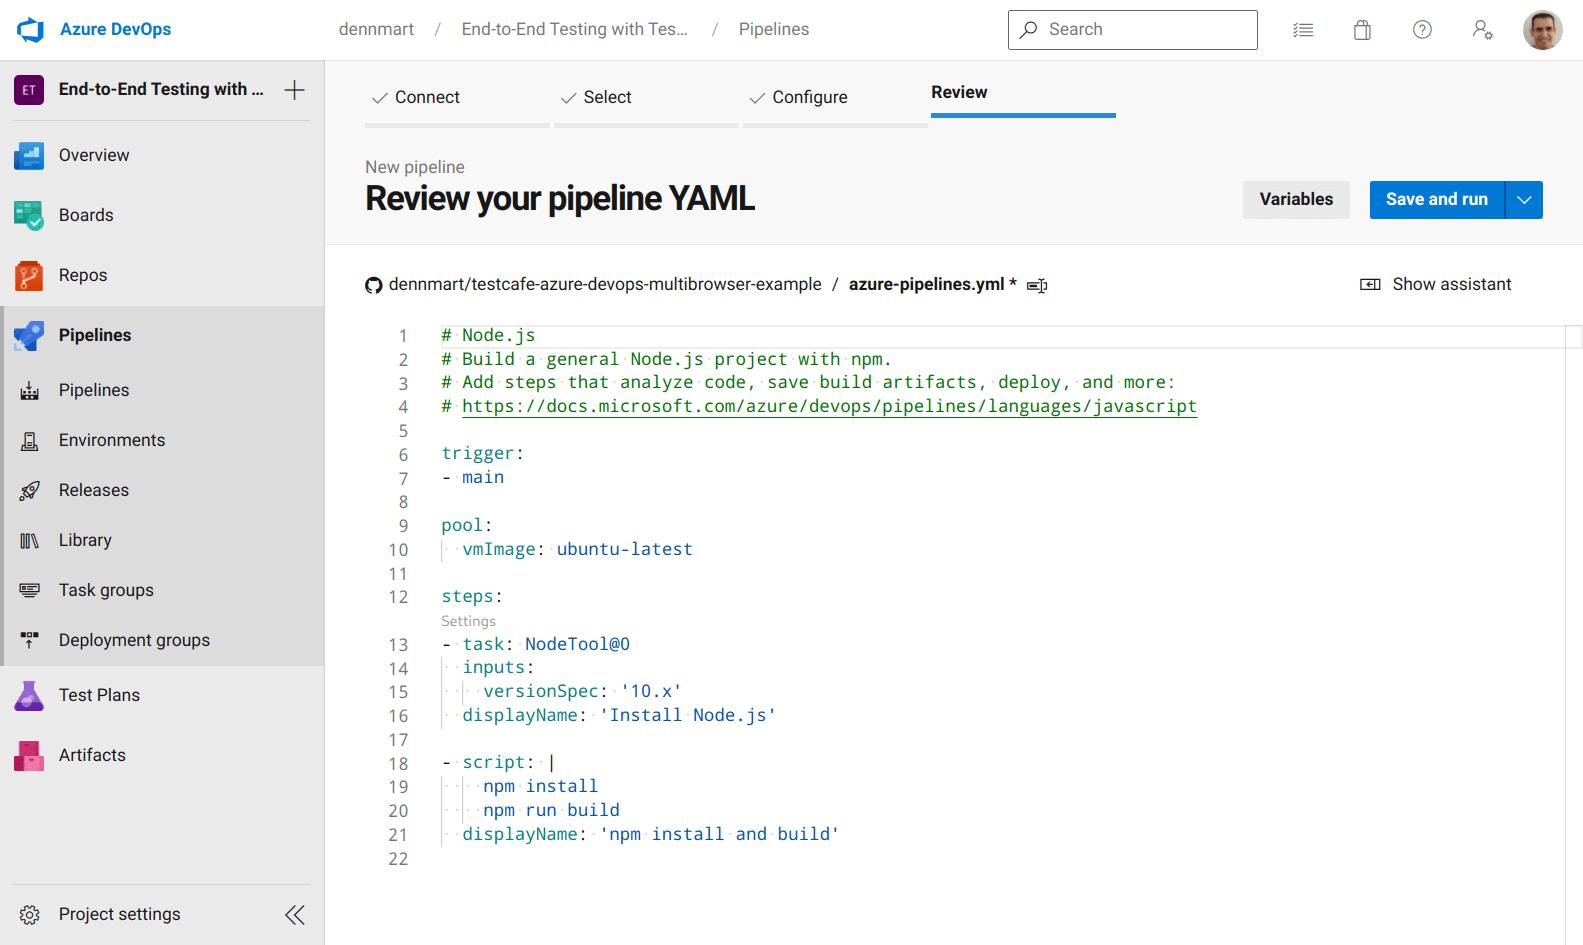 Azure DevOps - Pipeline Review - Default Configuration